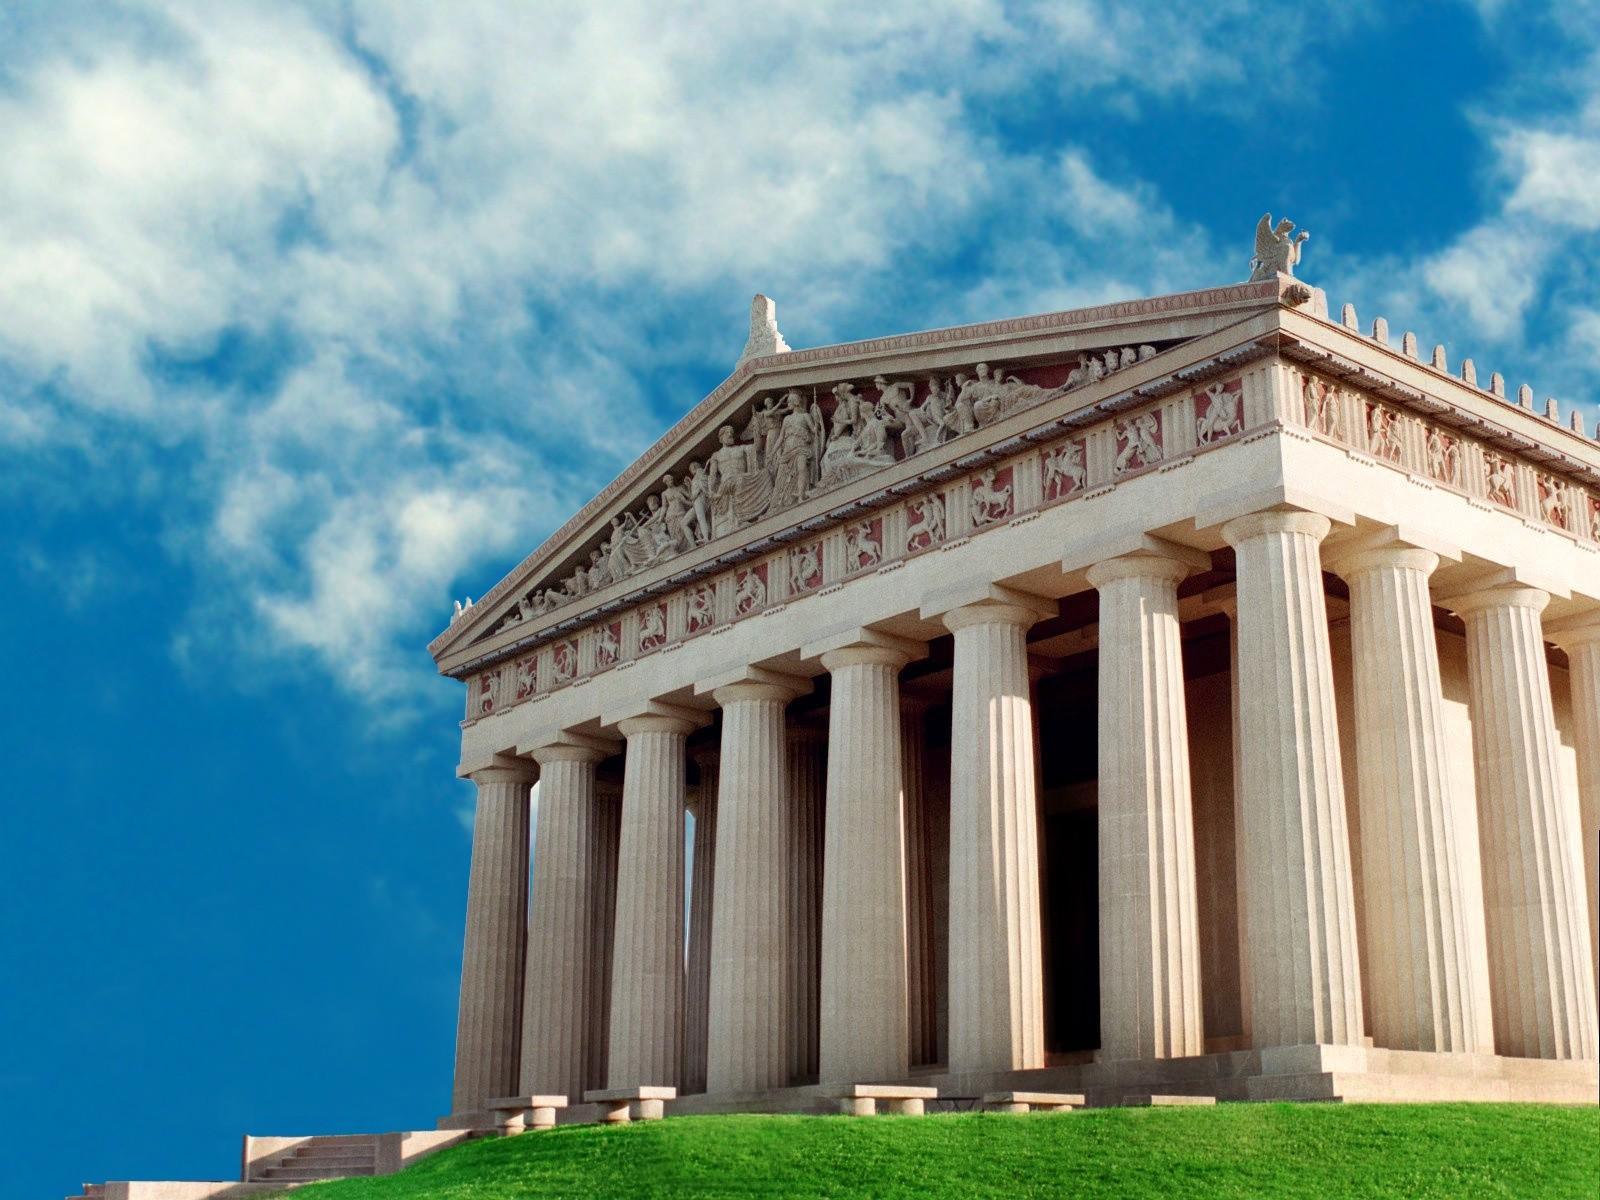 parthenon acropolis athens greece descriptive essay